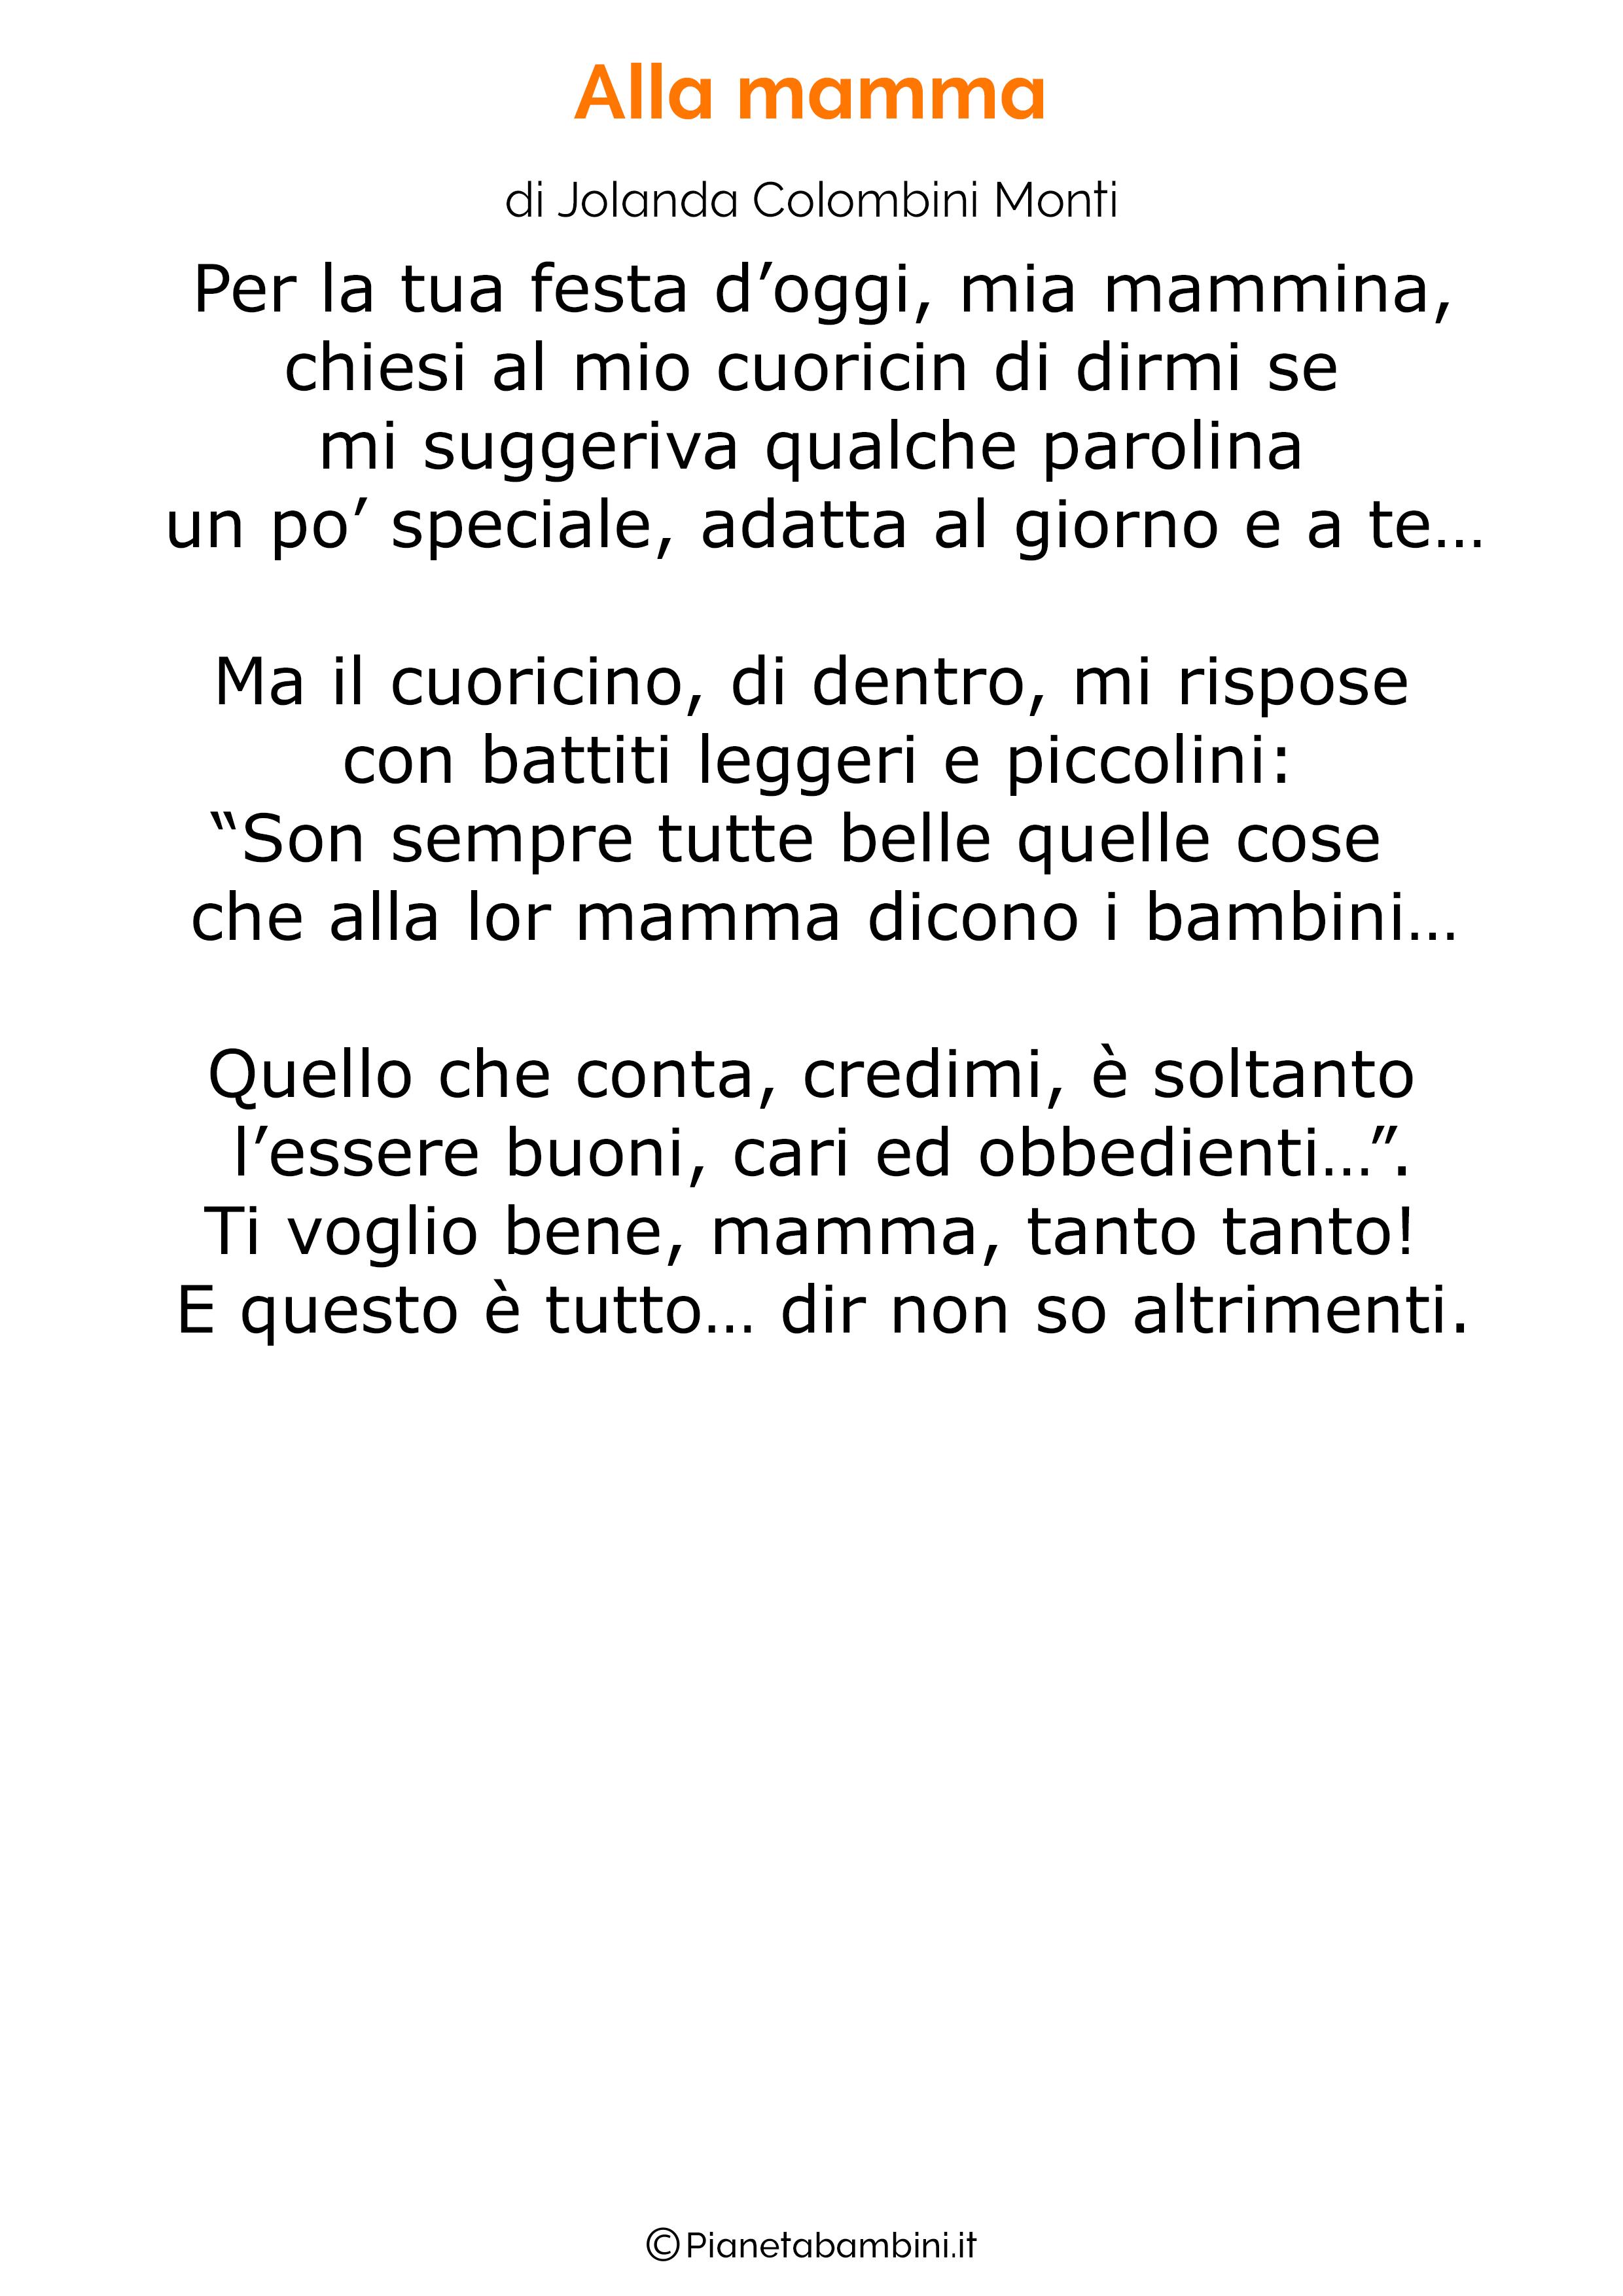 Poesia per la festa della mamma da stampare 21